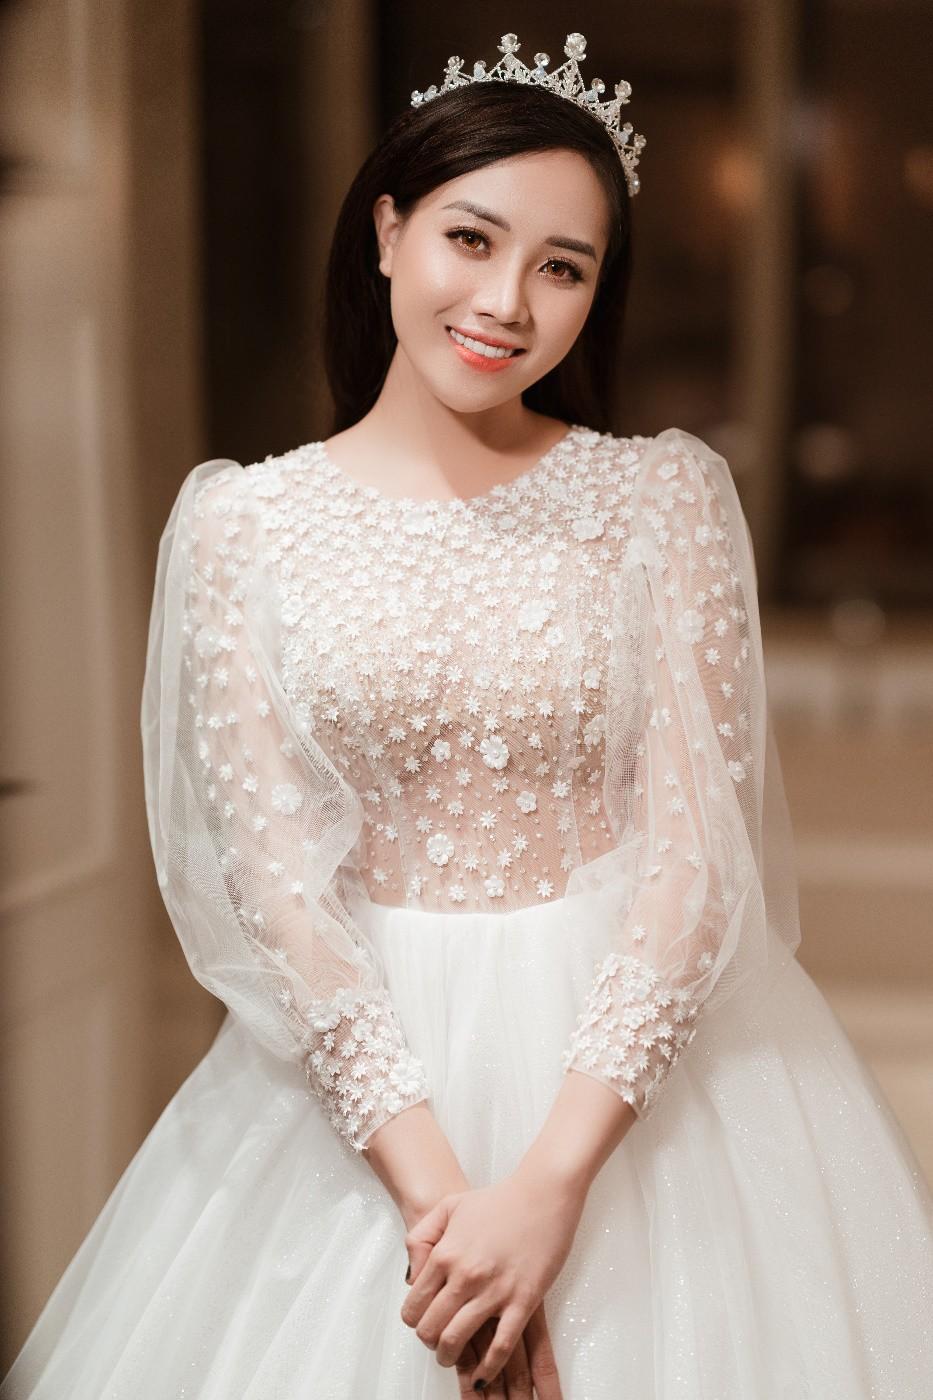 Váy cưới 2019: 5 mẫu váy cưới sẽ lên ngôi mà cô dâu cần biết - Ảnh 10.